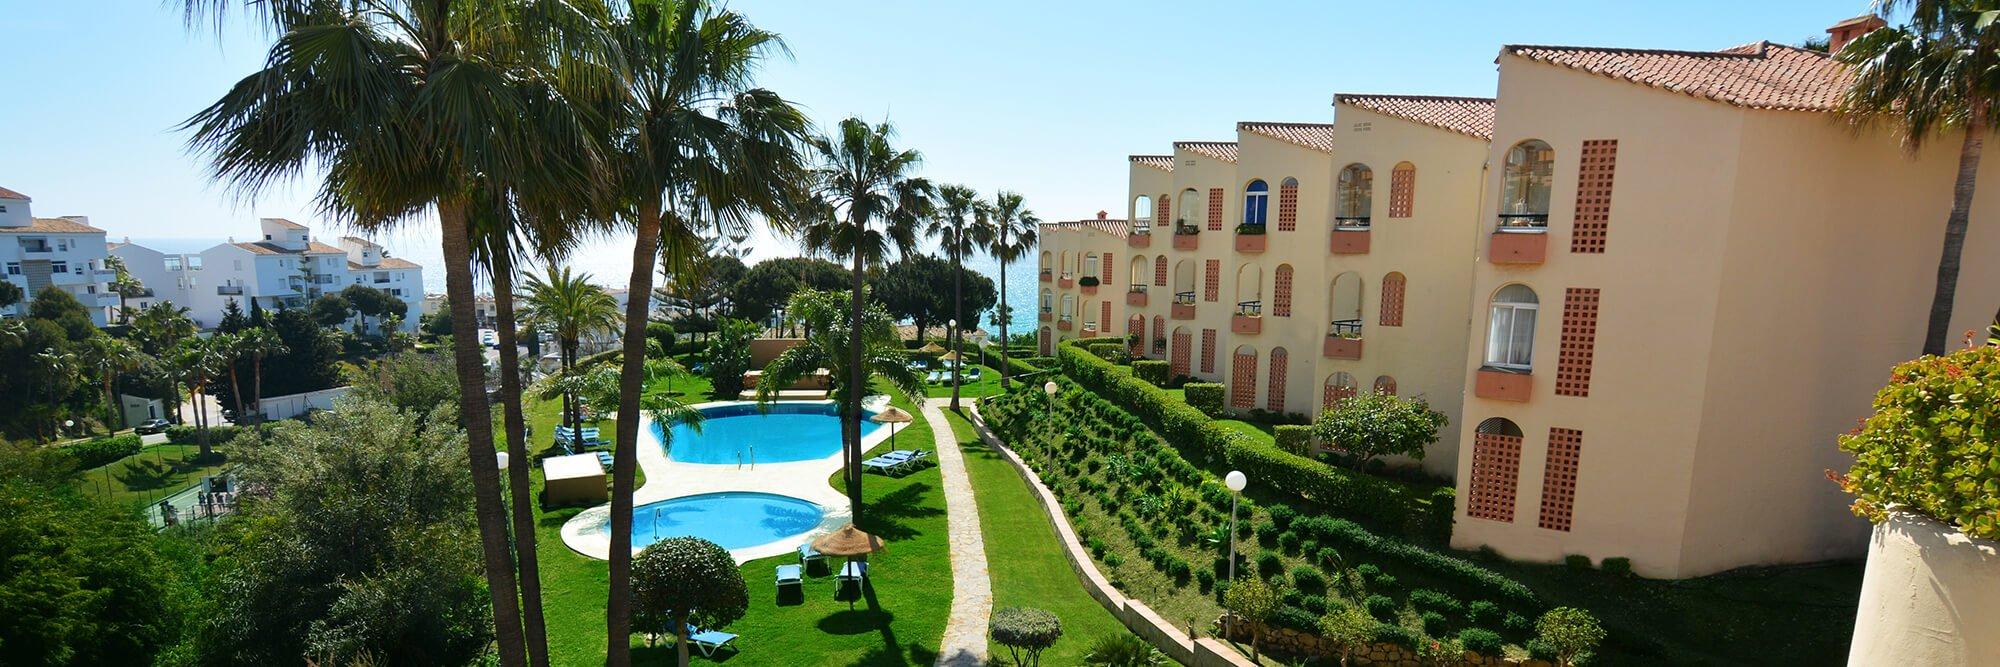 Spanish resort Sierra Marina